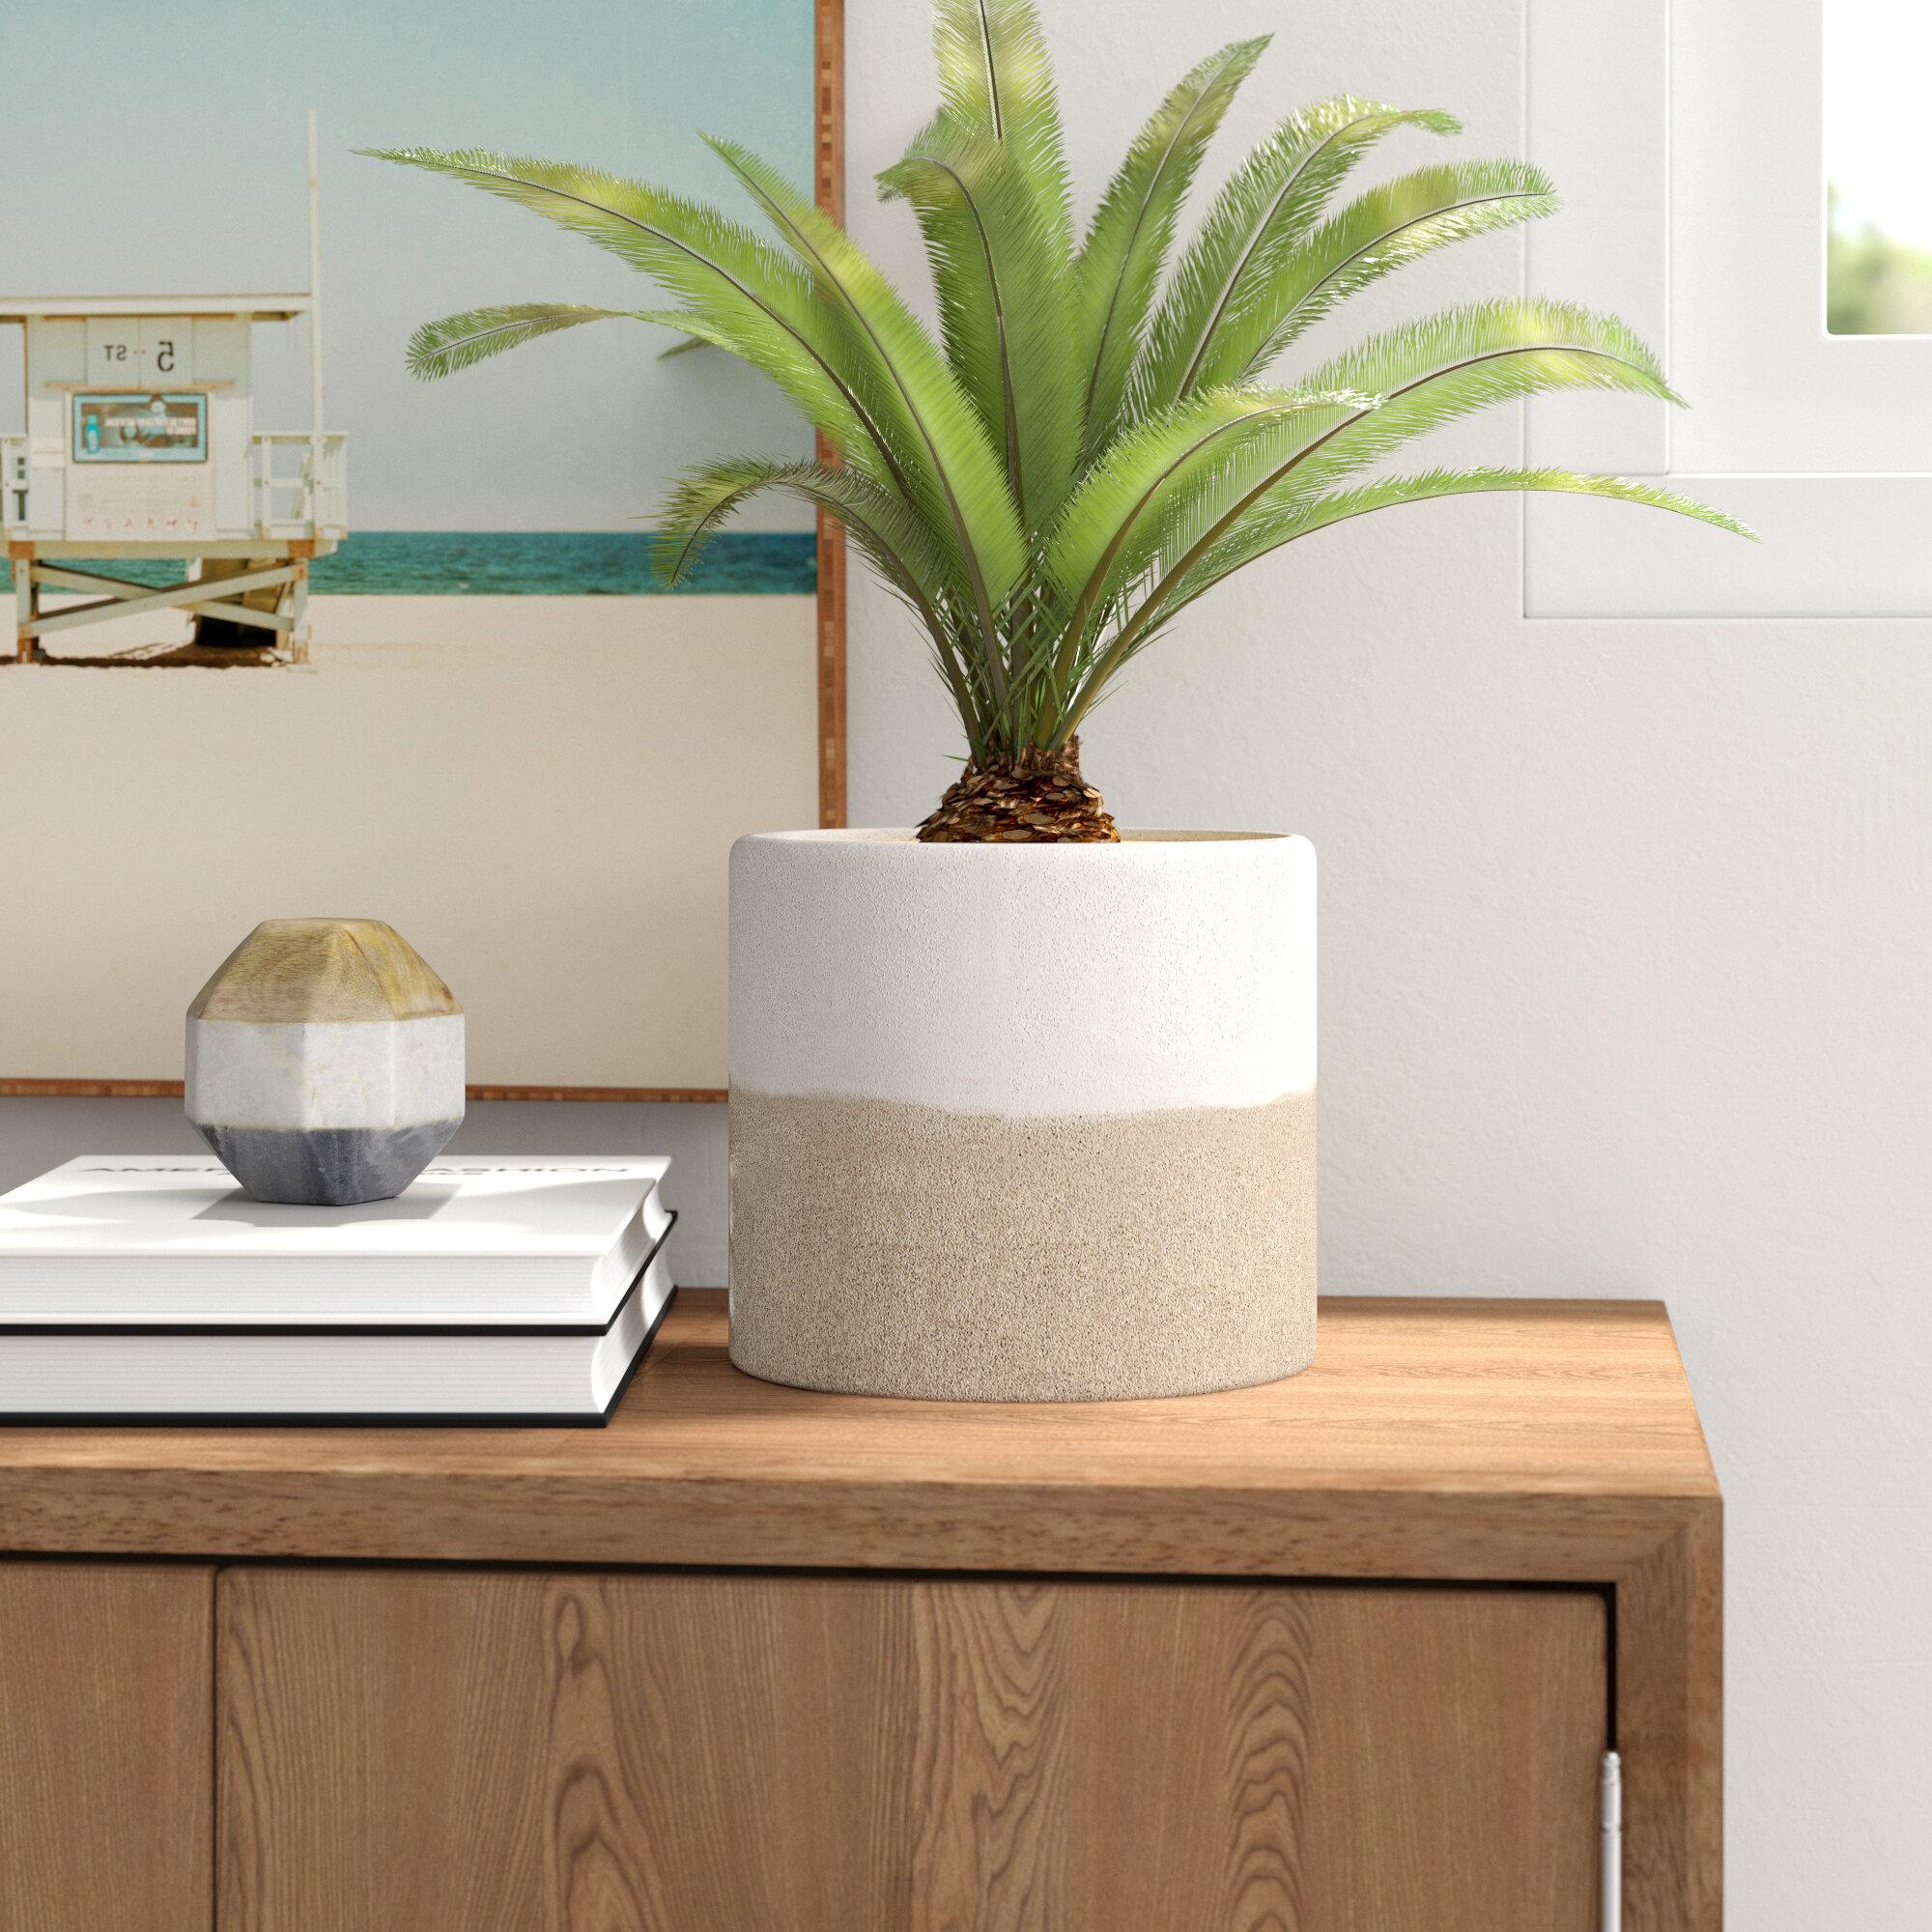 Barmore Ceramic Pot Planter Reviews Joss Main